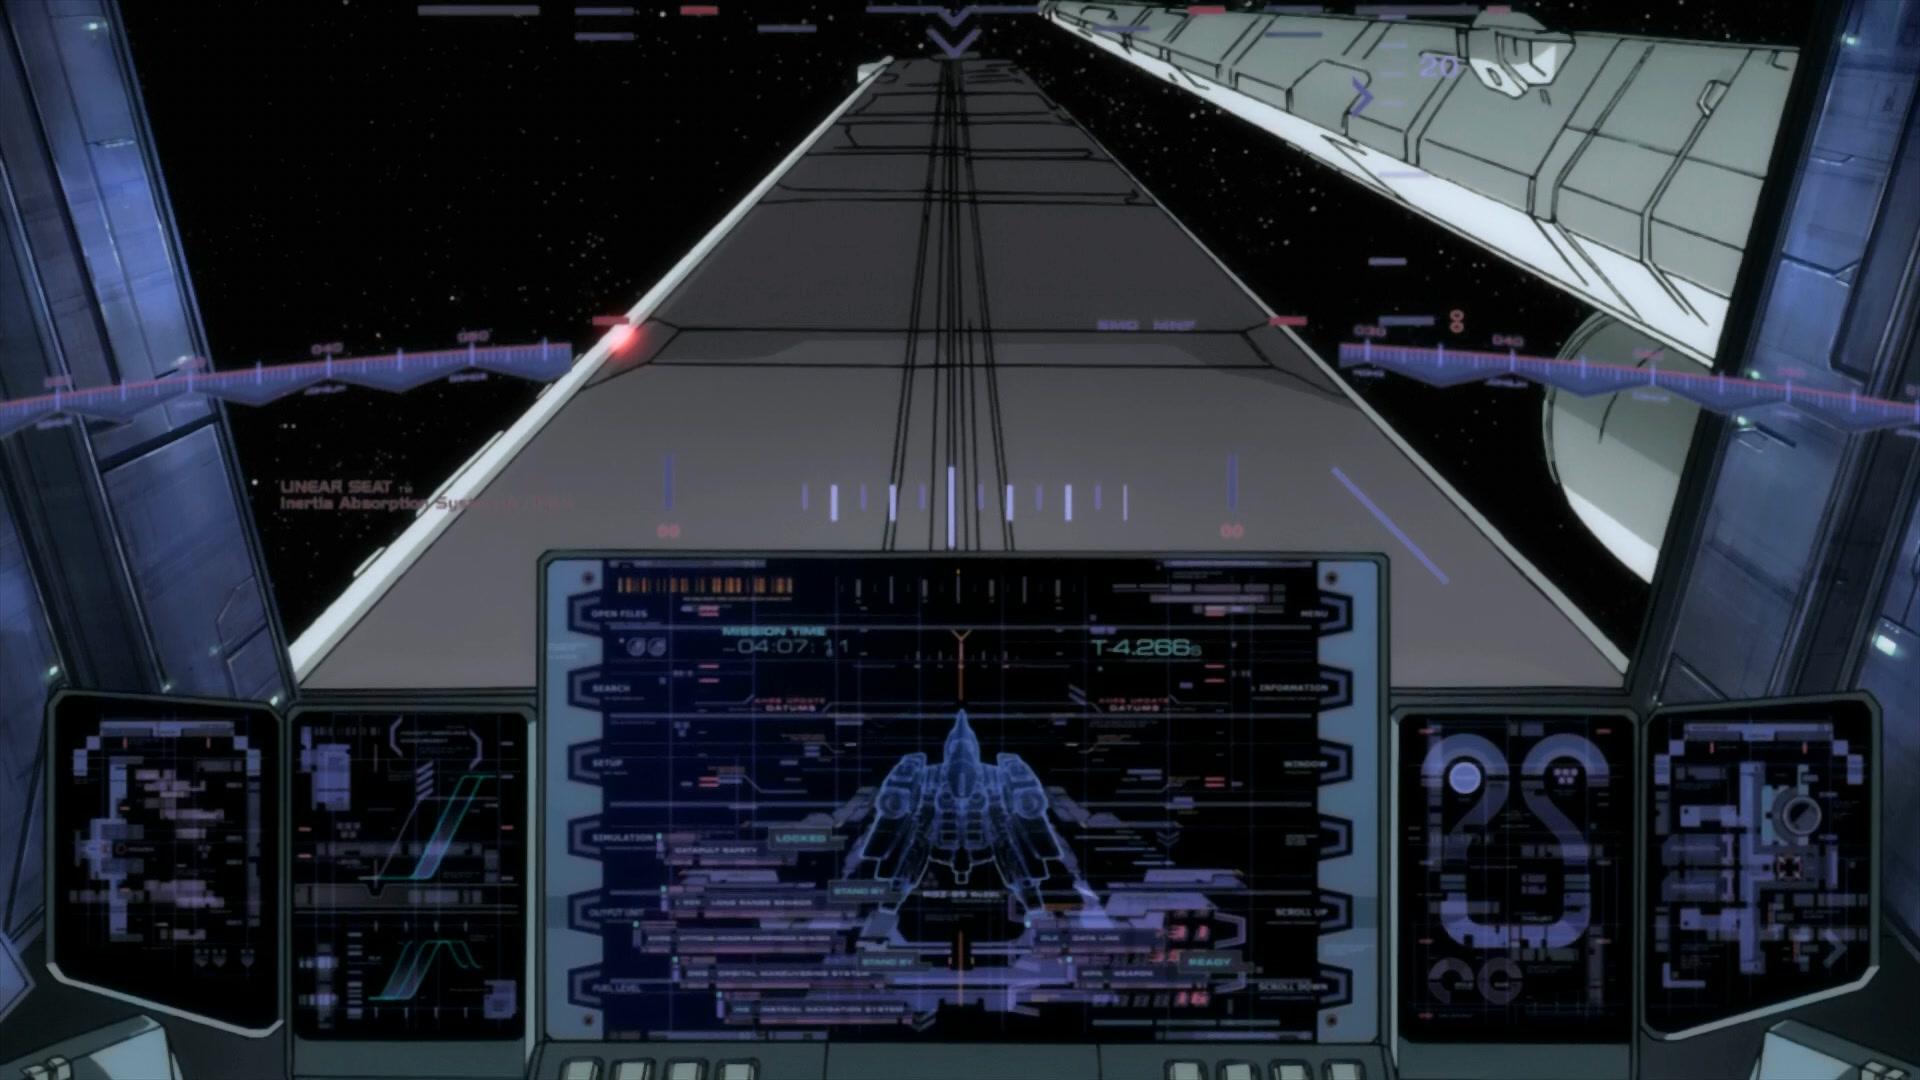 百度雨滴桌面_求高达系列 驾驶舱第一人称视角的图片。要壁纸。就是那种放在 ...